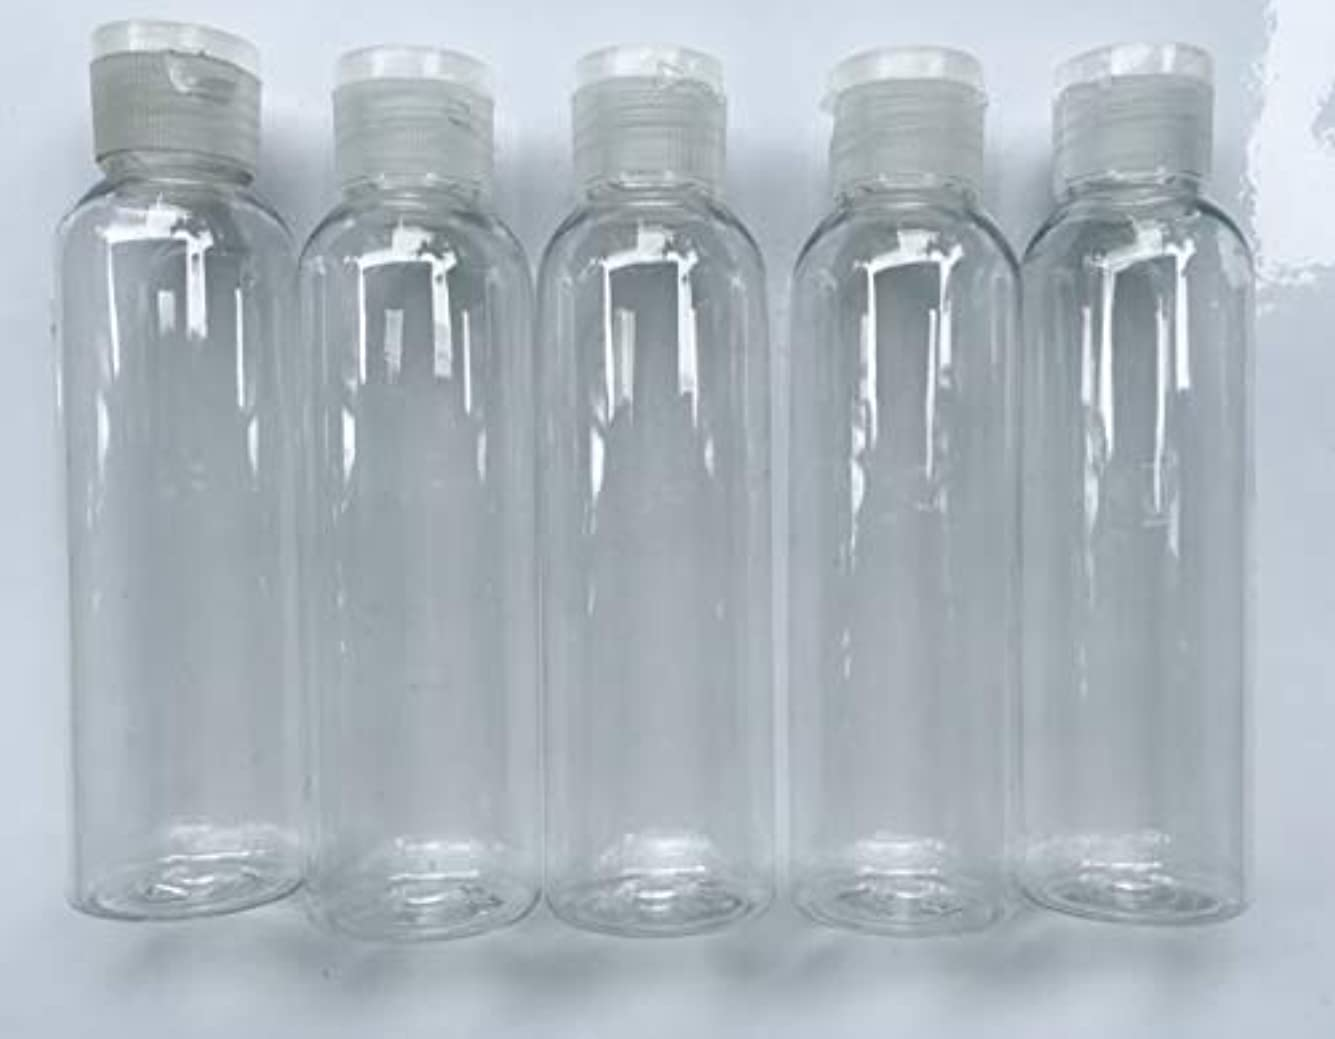 鹿換気キャンベラ旅行用 透明詰め替え容器150ml (クリア)携帯用トラベルボトル5本セット/シャンプー、化粧水、ローション、乳液などの基礎化粧品や調味料入れに